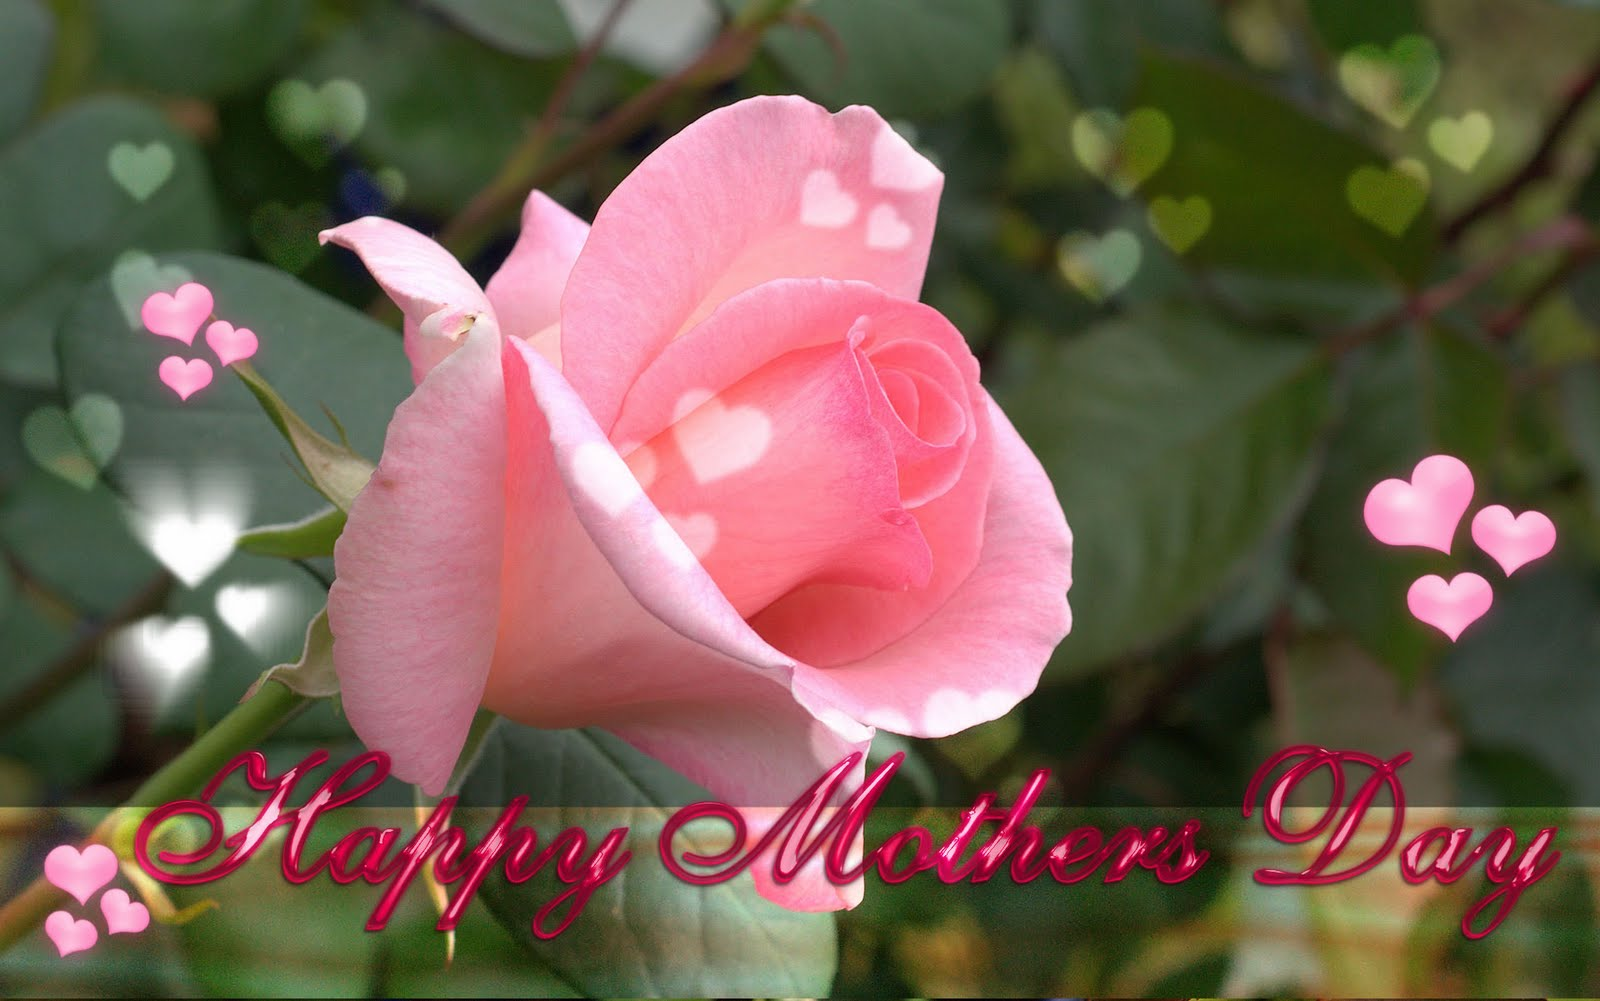 http://4.bp.blogspot.com/-73kYIWffTzk/TcZT4K6_oXI/AAAAAAAABSM/gEXcckooTIA/s1600/Mothers%2BDay%2BWallpapers%2Bby%2Bworld%2Bcurrent%2Bevents%2B%25283%2529.jpg